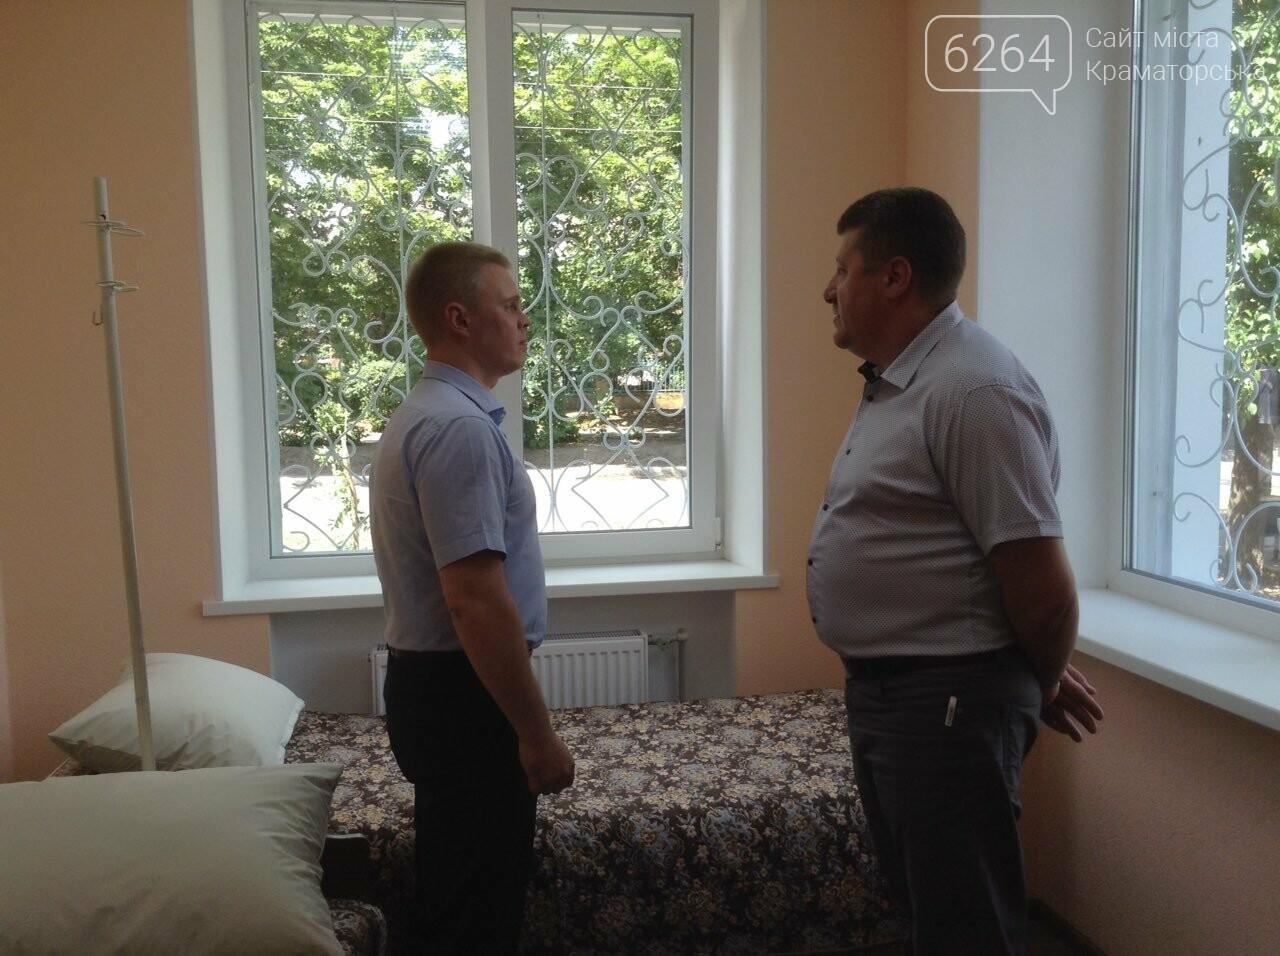 Глава ДонОВГА и первые лица Краматорска с рабочим визитом  побывали в отремонтированной амбулатории в Шабельковке , фото-7